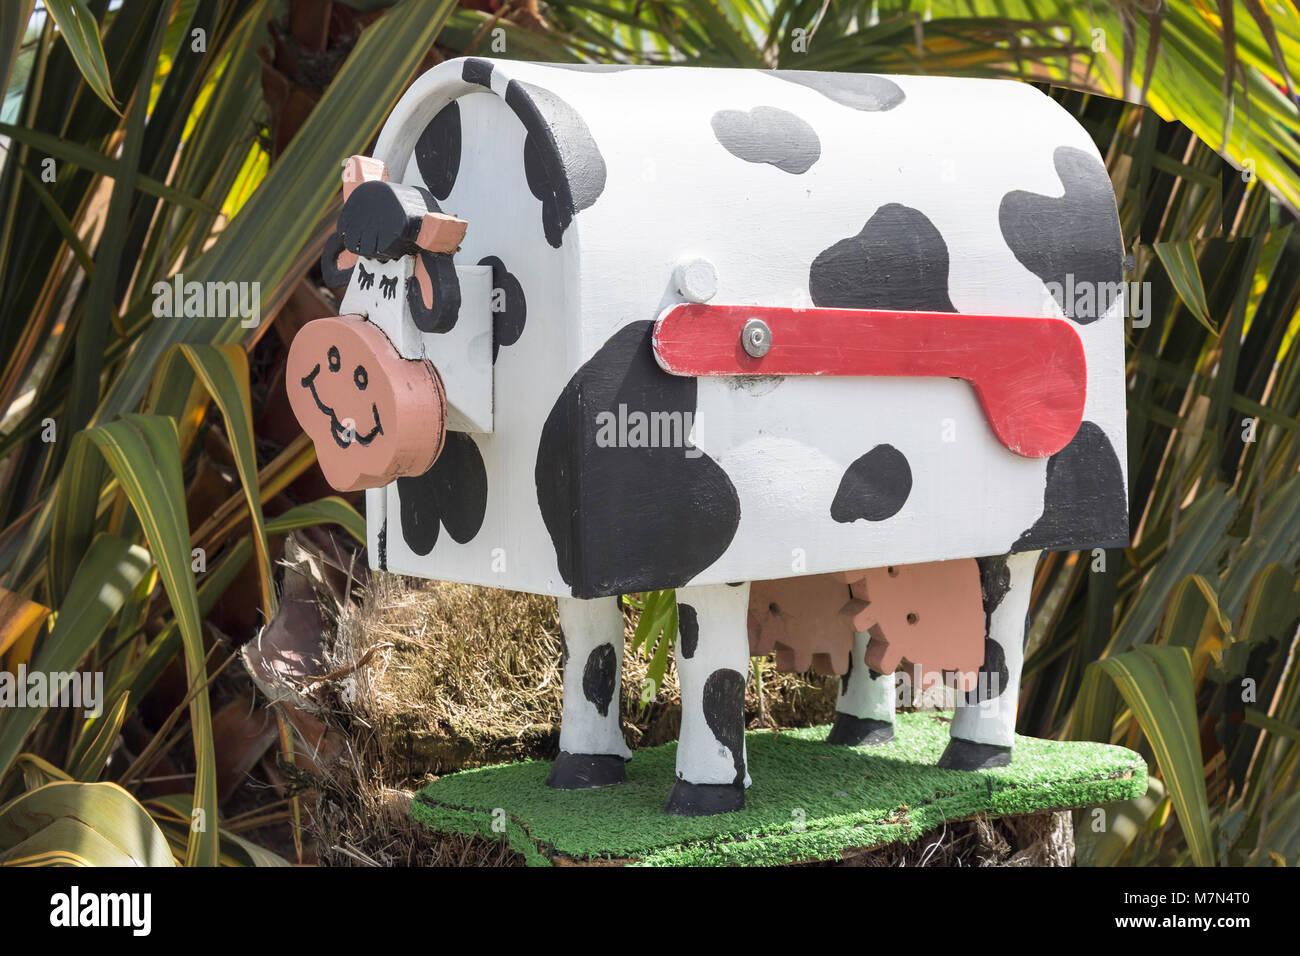 Boîte aux lettres à la vache vache paresseux, rue Waller Hébergement (State Highway 6), Murchison, Photo Stock